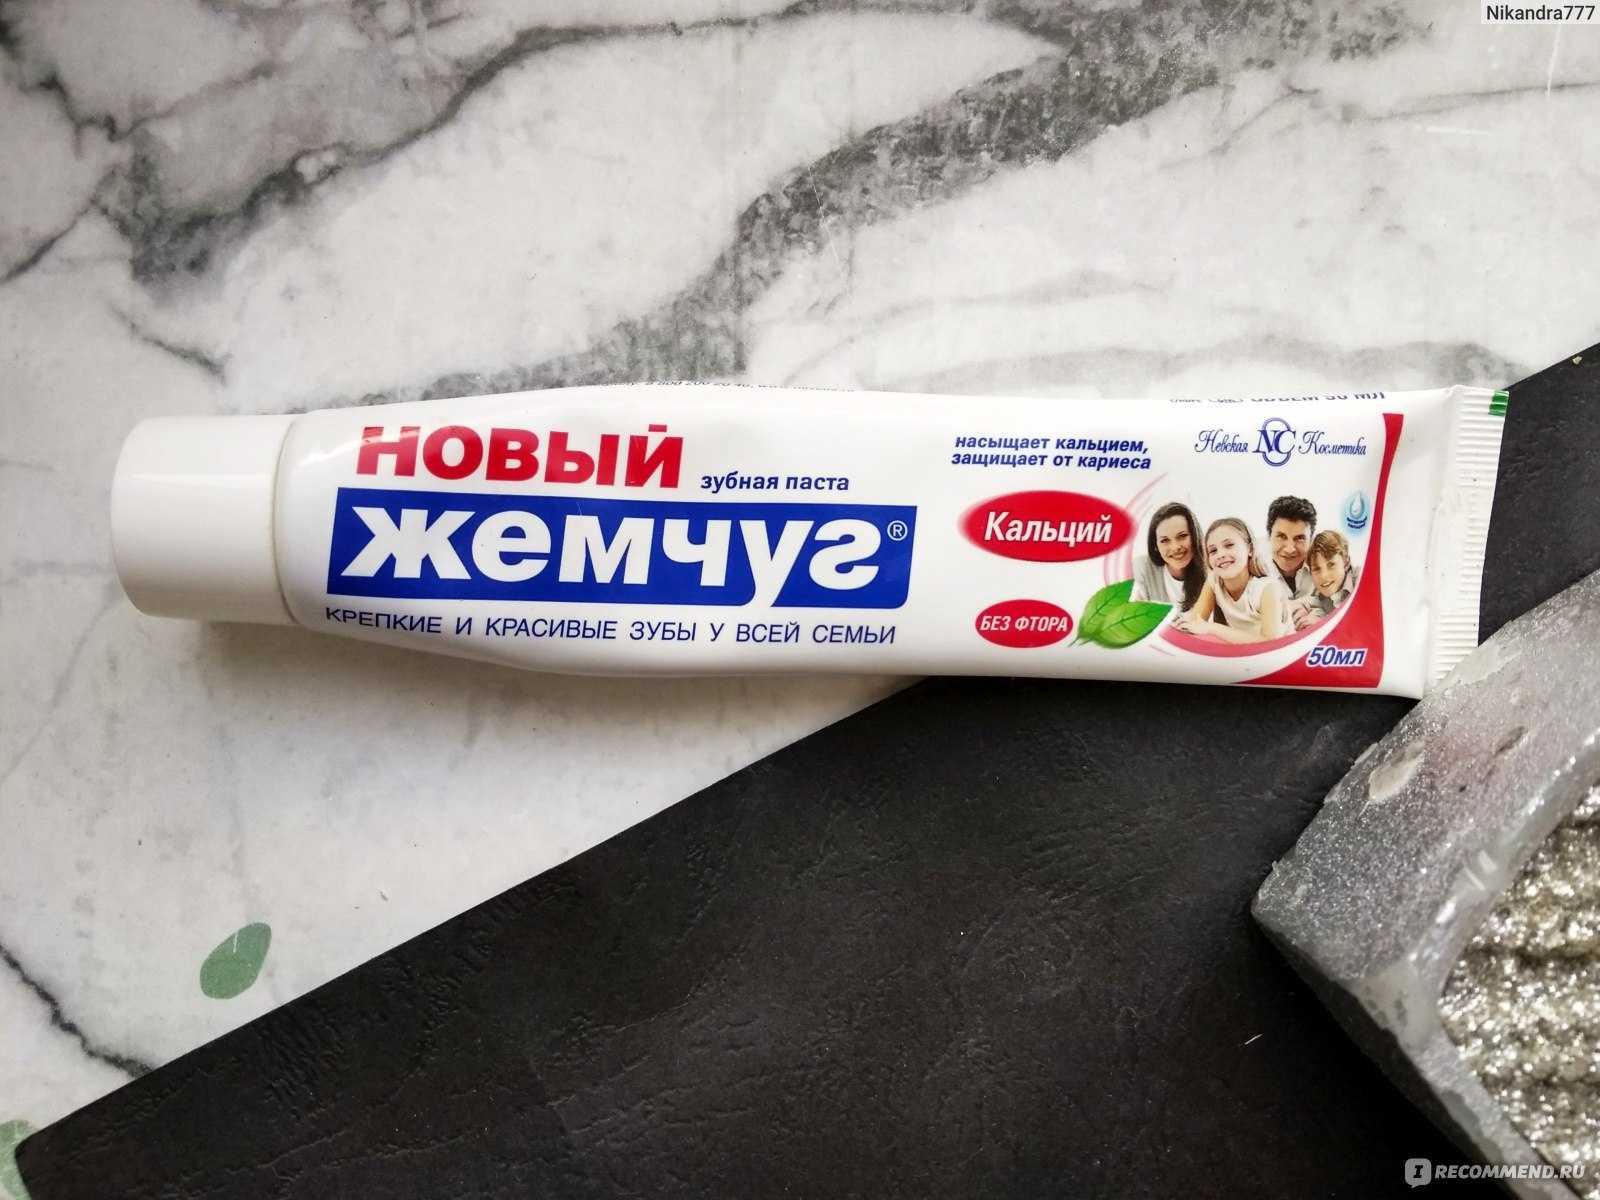 Безопасная зубная паста: какая самая безопасная по составу? рейтинг зубных паст, безопасных для здоровья зубов